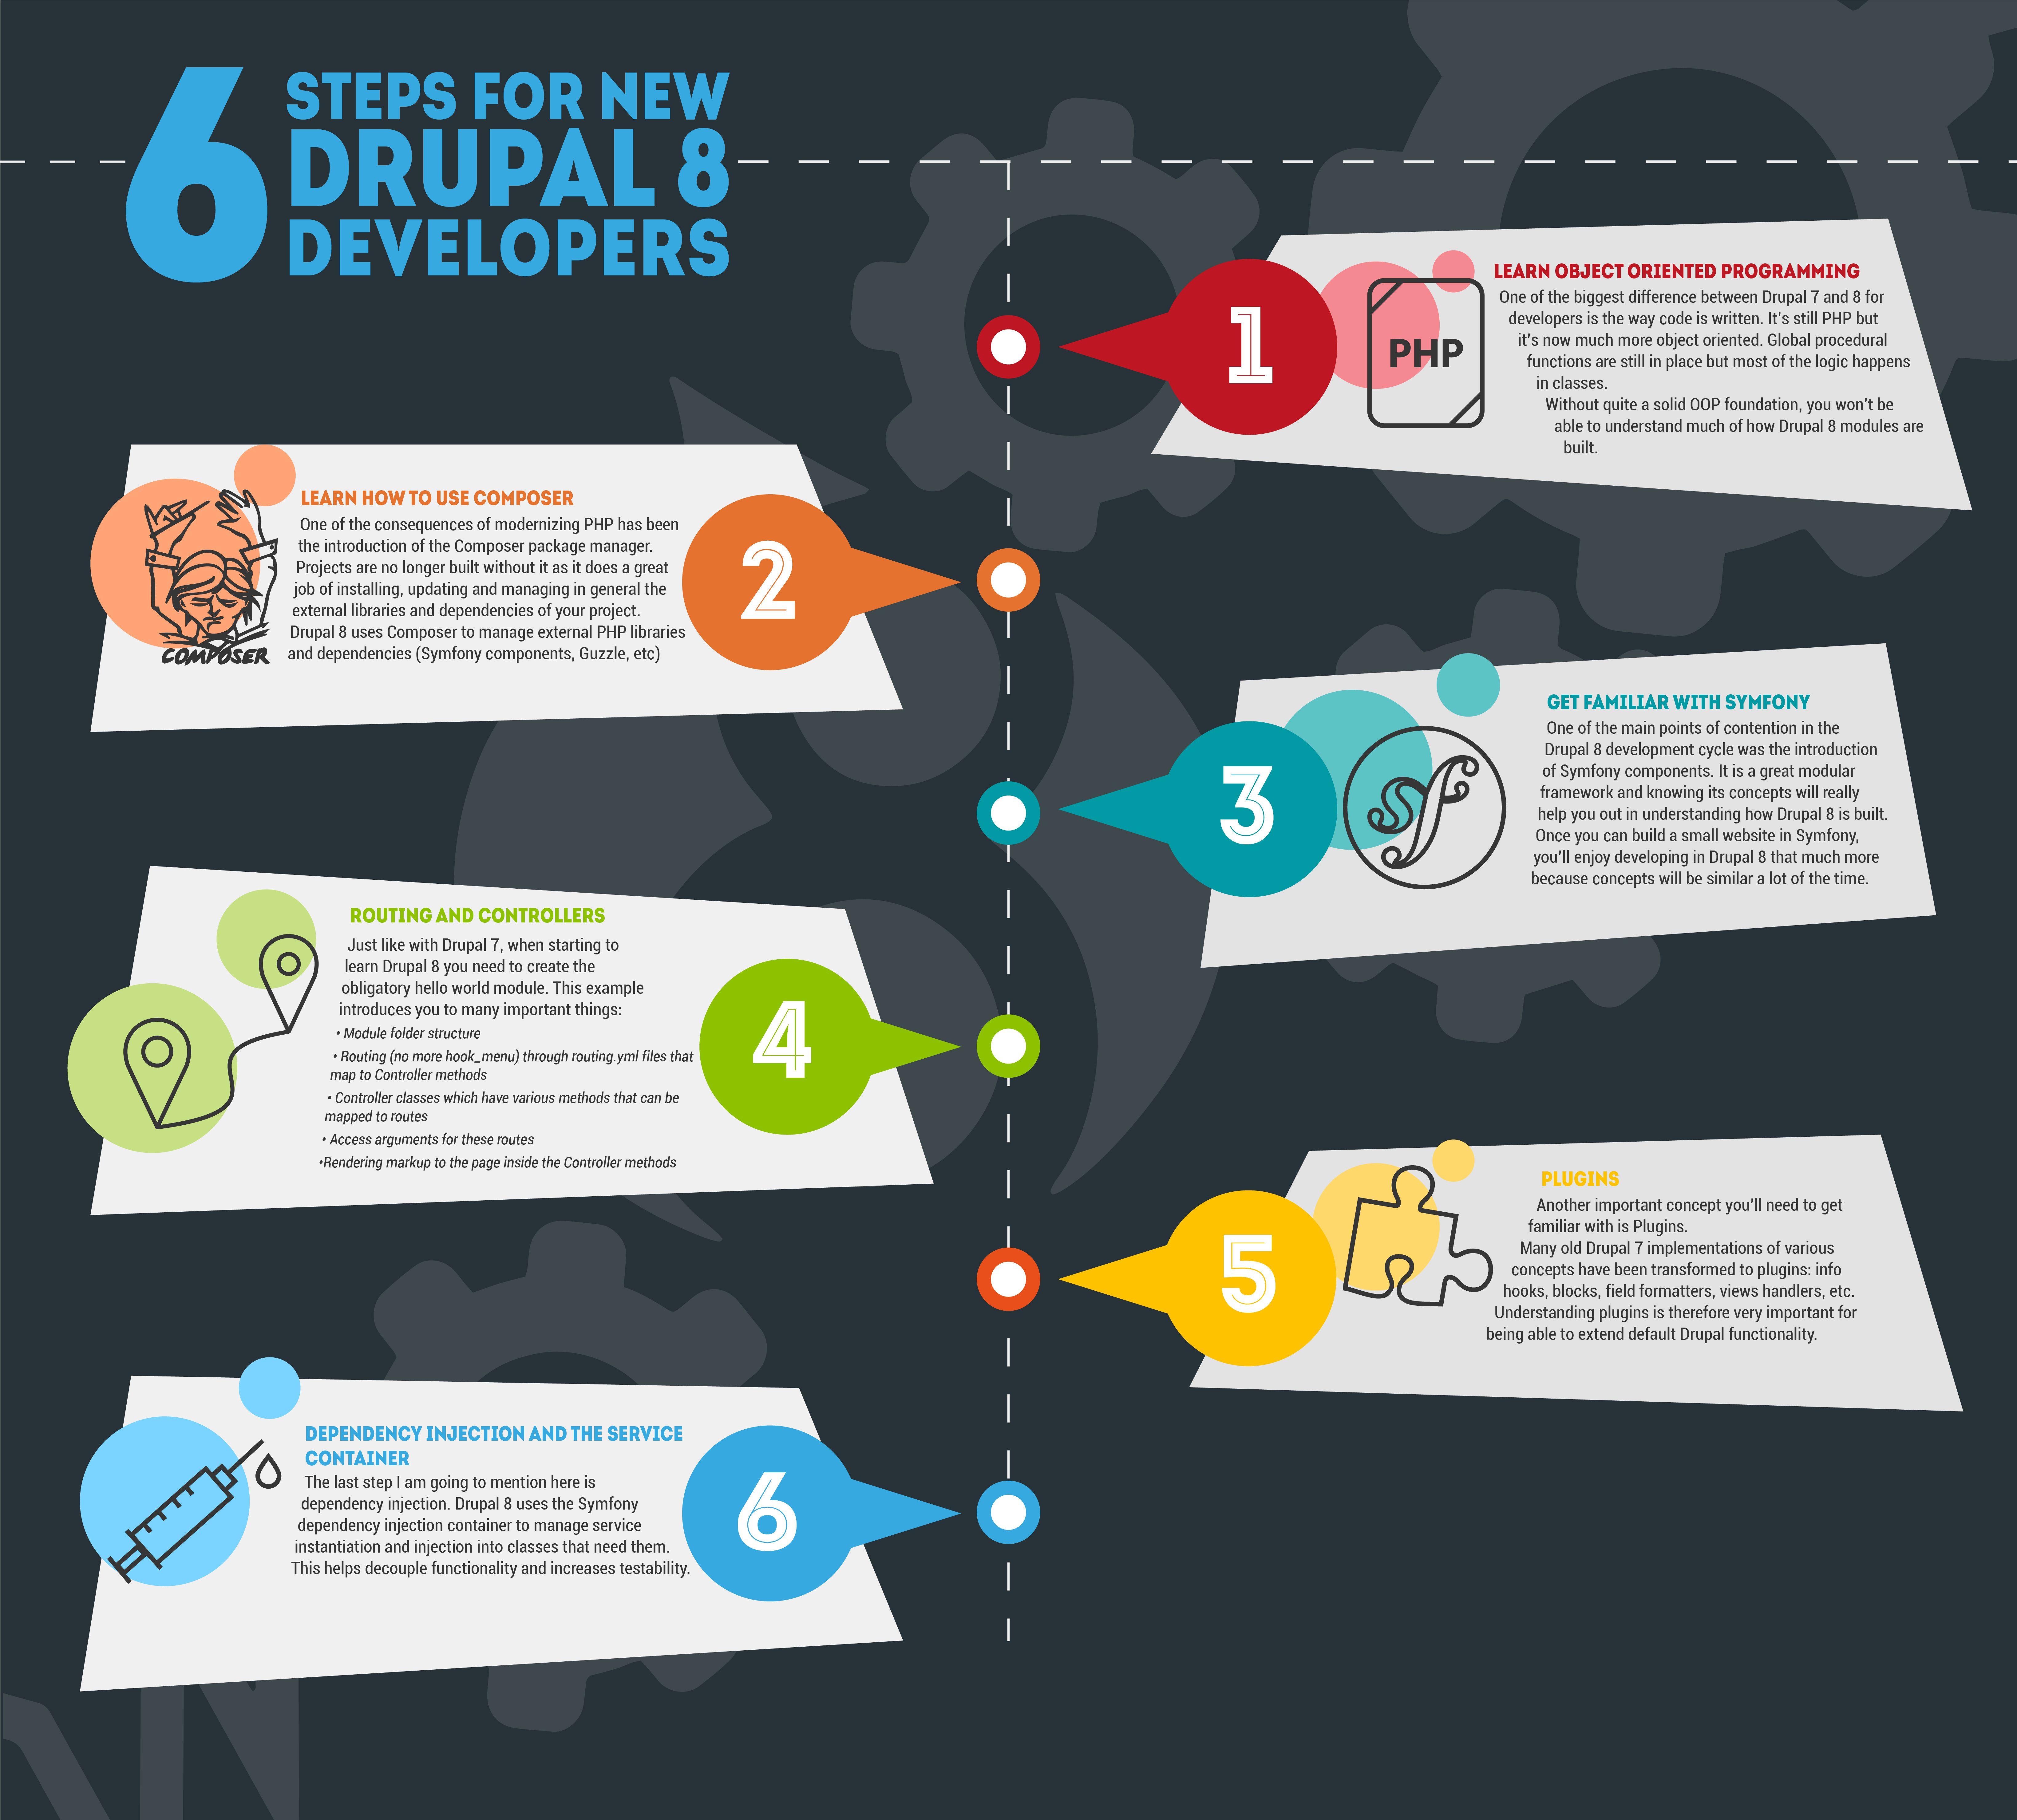 6 steps for new Drupal 8 developers Drupal 7/8 web